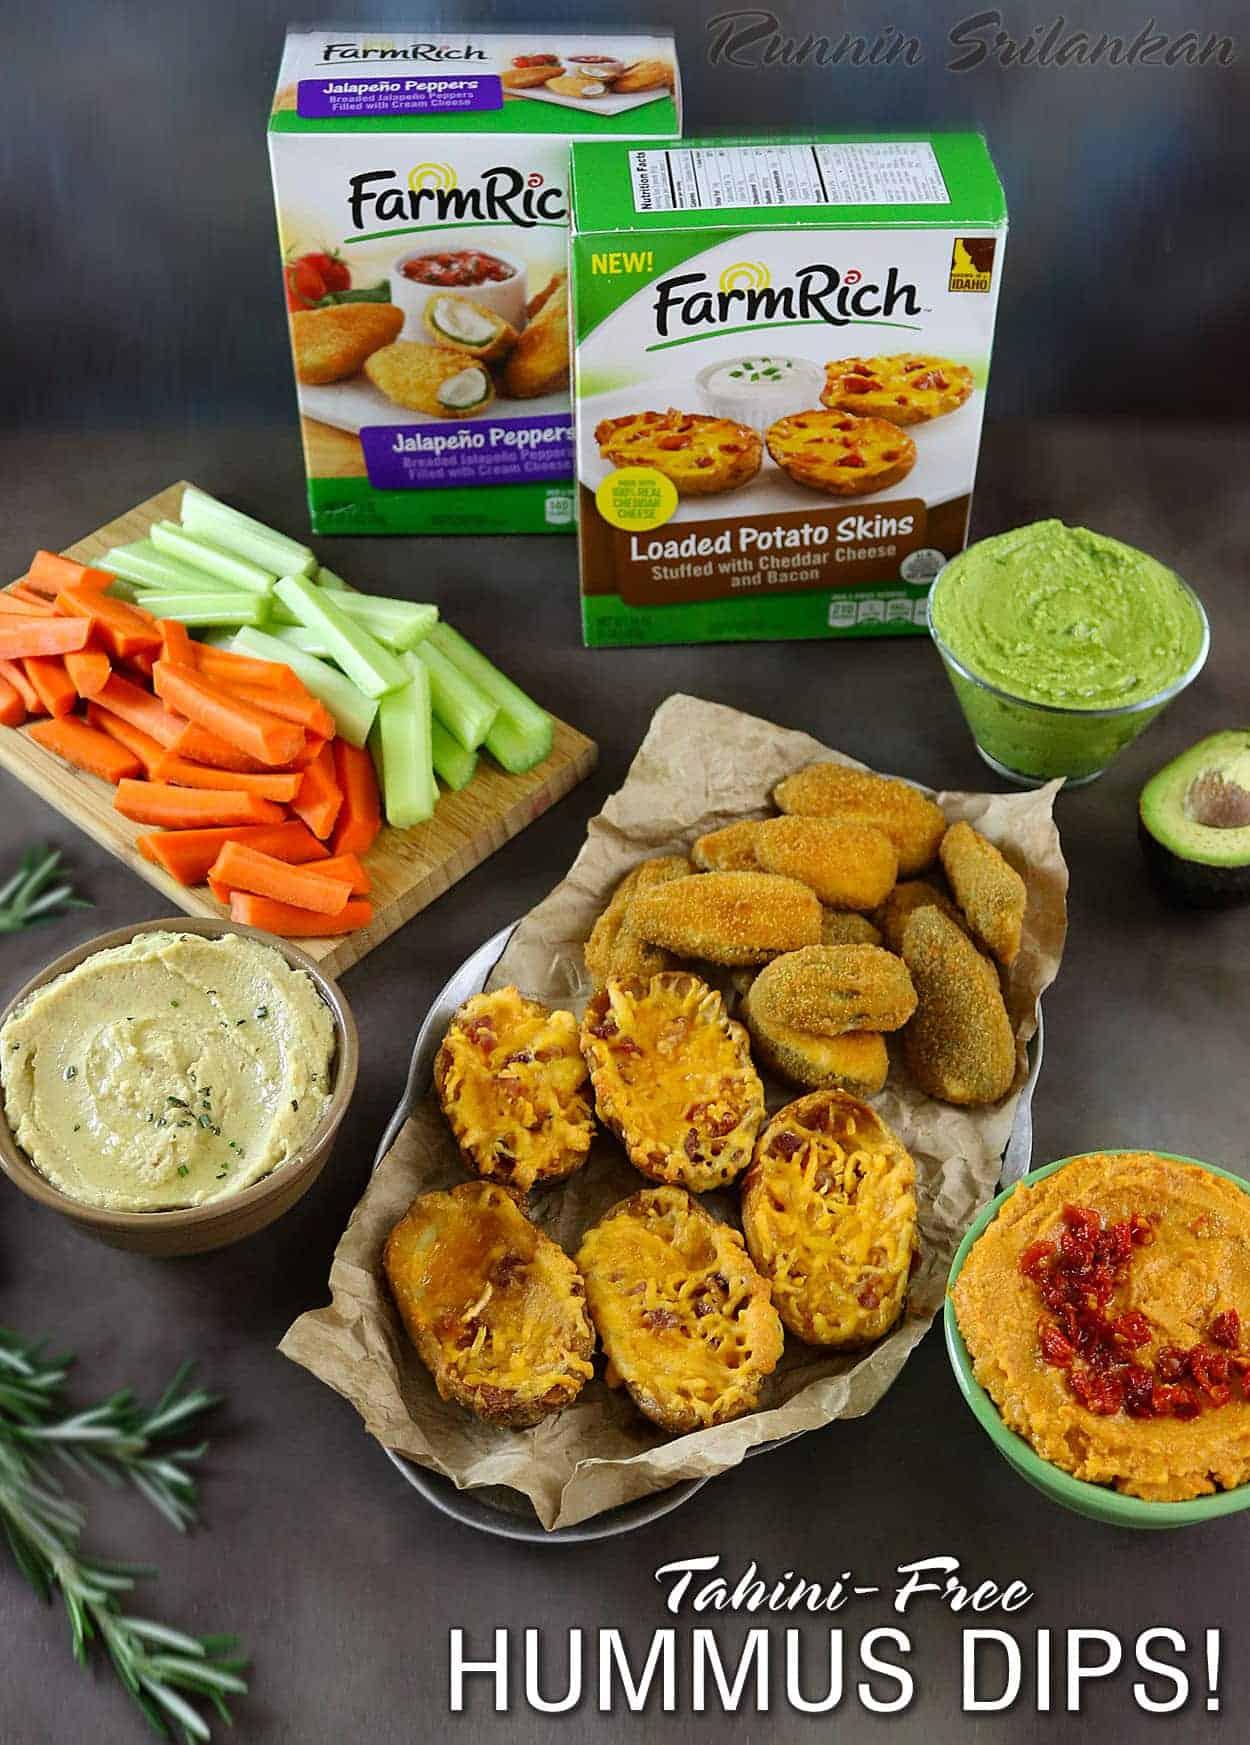 Tahini-Free Hummus Dips - 3 kinds: Avocado & Spinach Hummus, Sundried Tomato Hummus, and Rosemary & Garlic Hummus. Recipes at RunninSrilankan.com